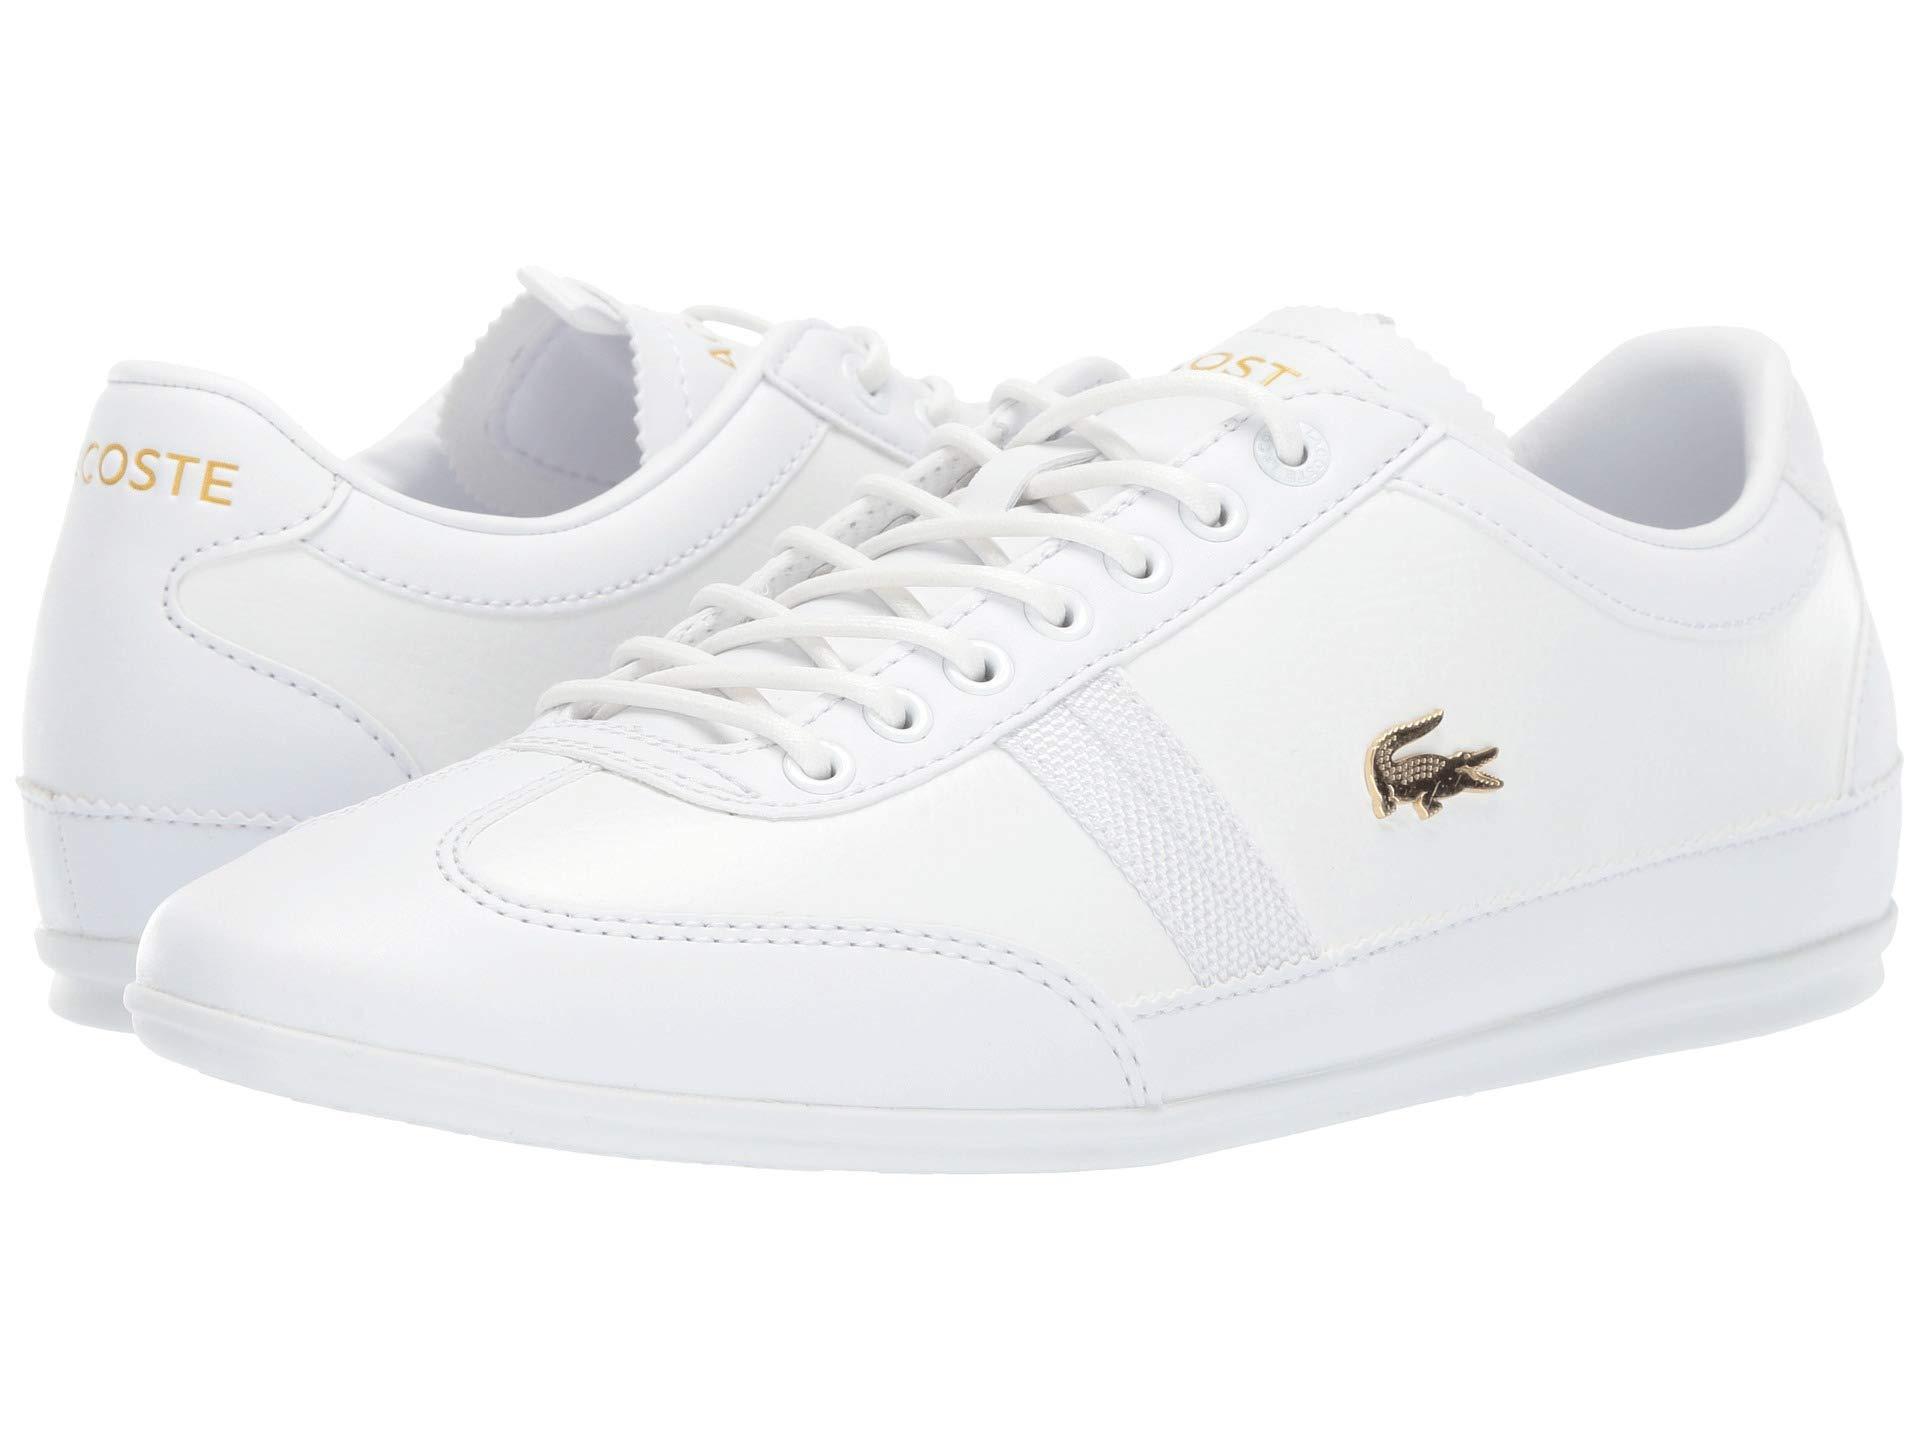 2c75a9e6ece66 Lyst - Lacoste Misano 119 1 U Cma (white white) Men s Shoes in White ...